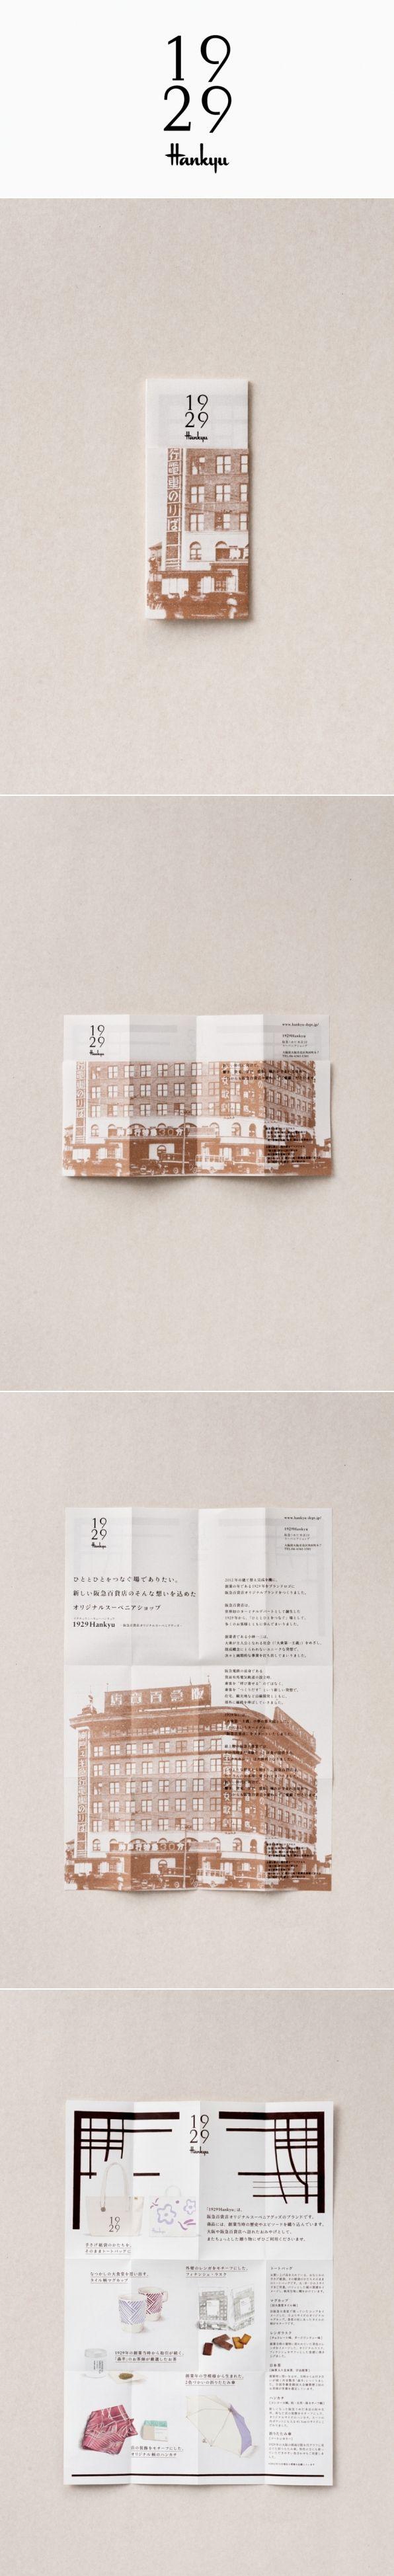 1929 Hankyu handout : UMA / design farm